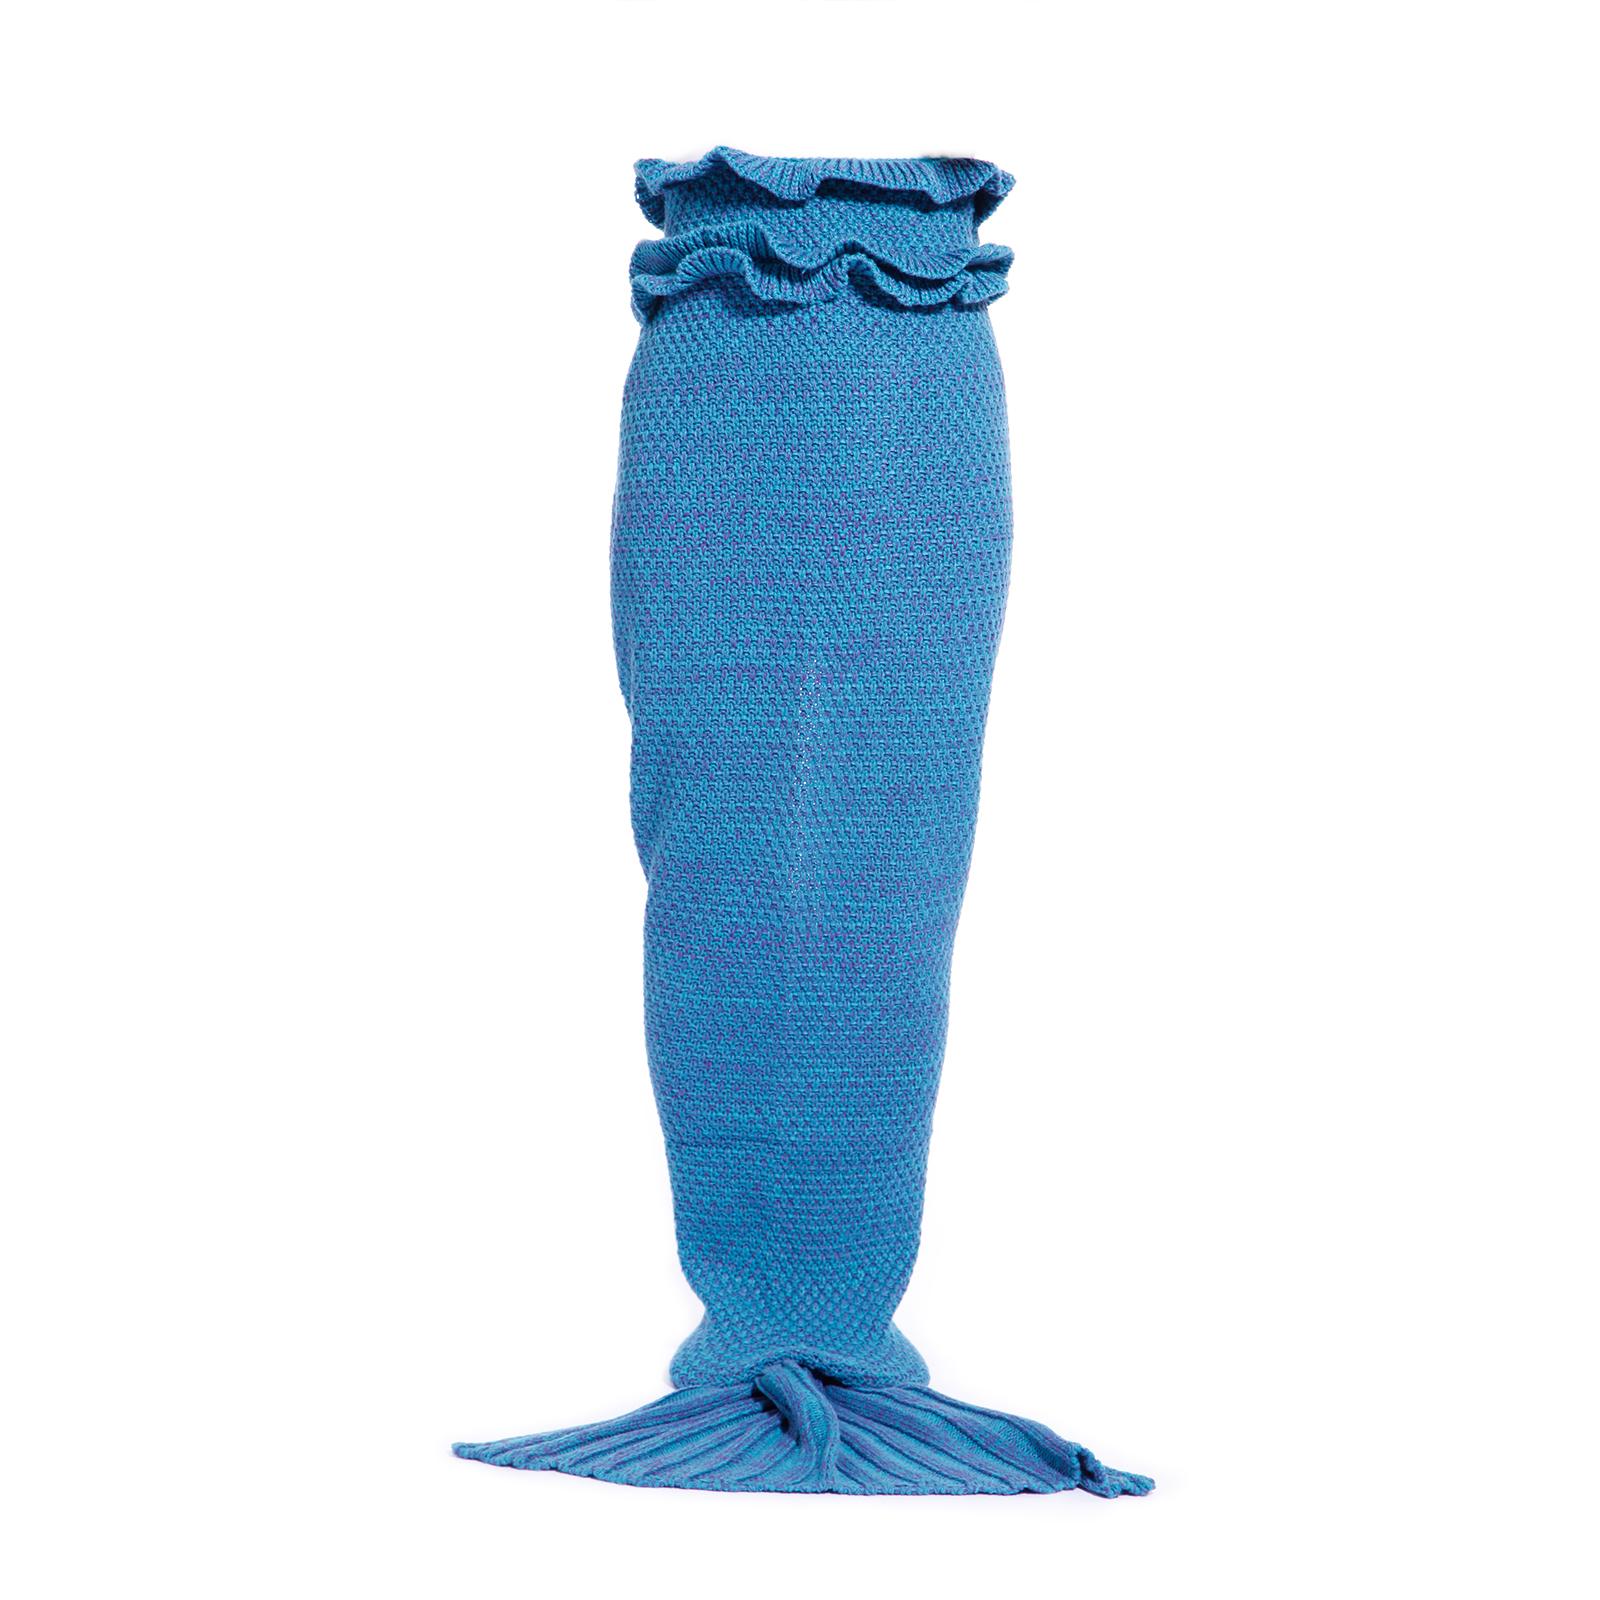 kinder handgefertigte geh kelte meerjungfrau mermaid schwanz decke quilt teppich ebay. Black Bedroom Furniture Sets. Home Design Ideas